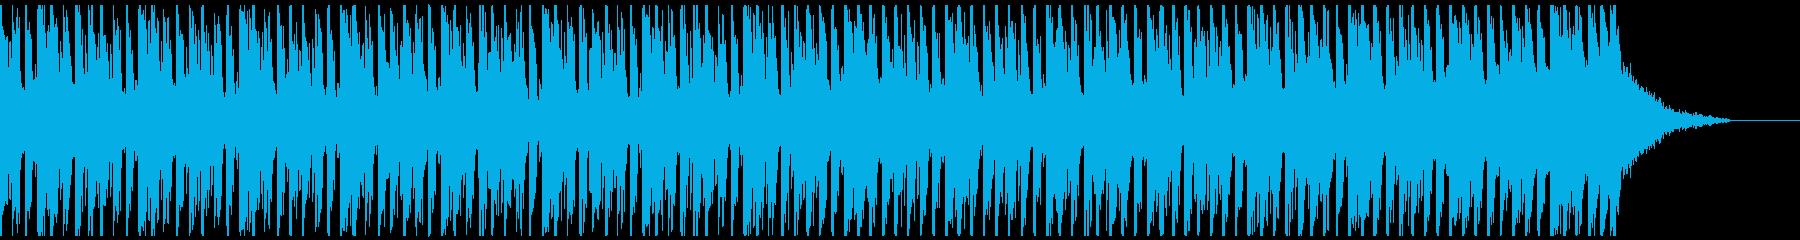 オシャ4つ打ち、スタイリッシュ雰囲気系7の再生済みの波形